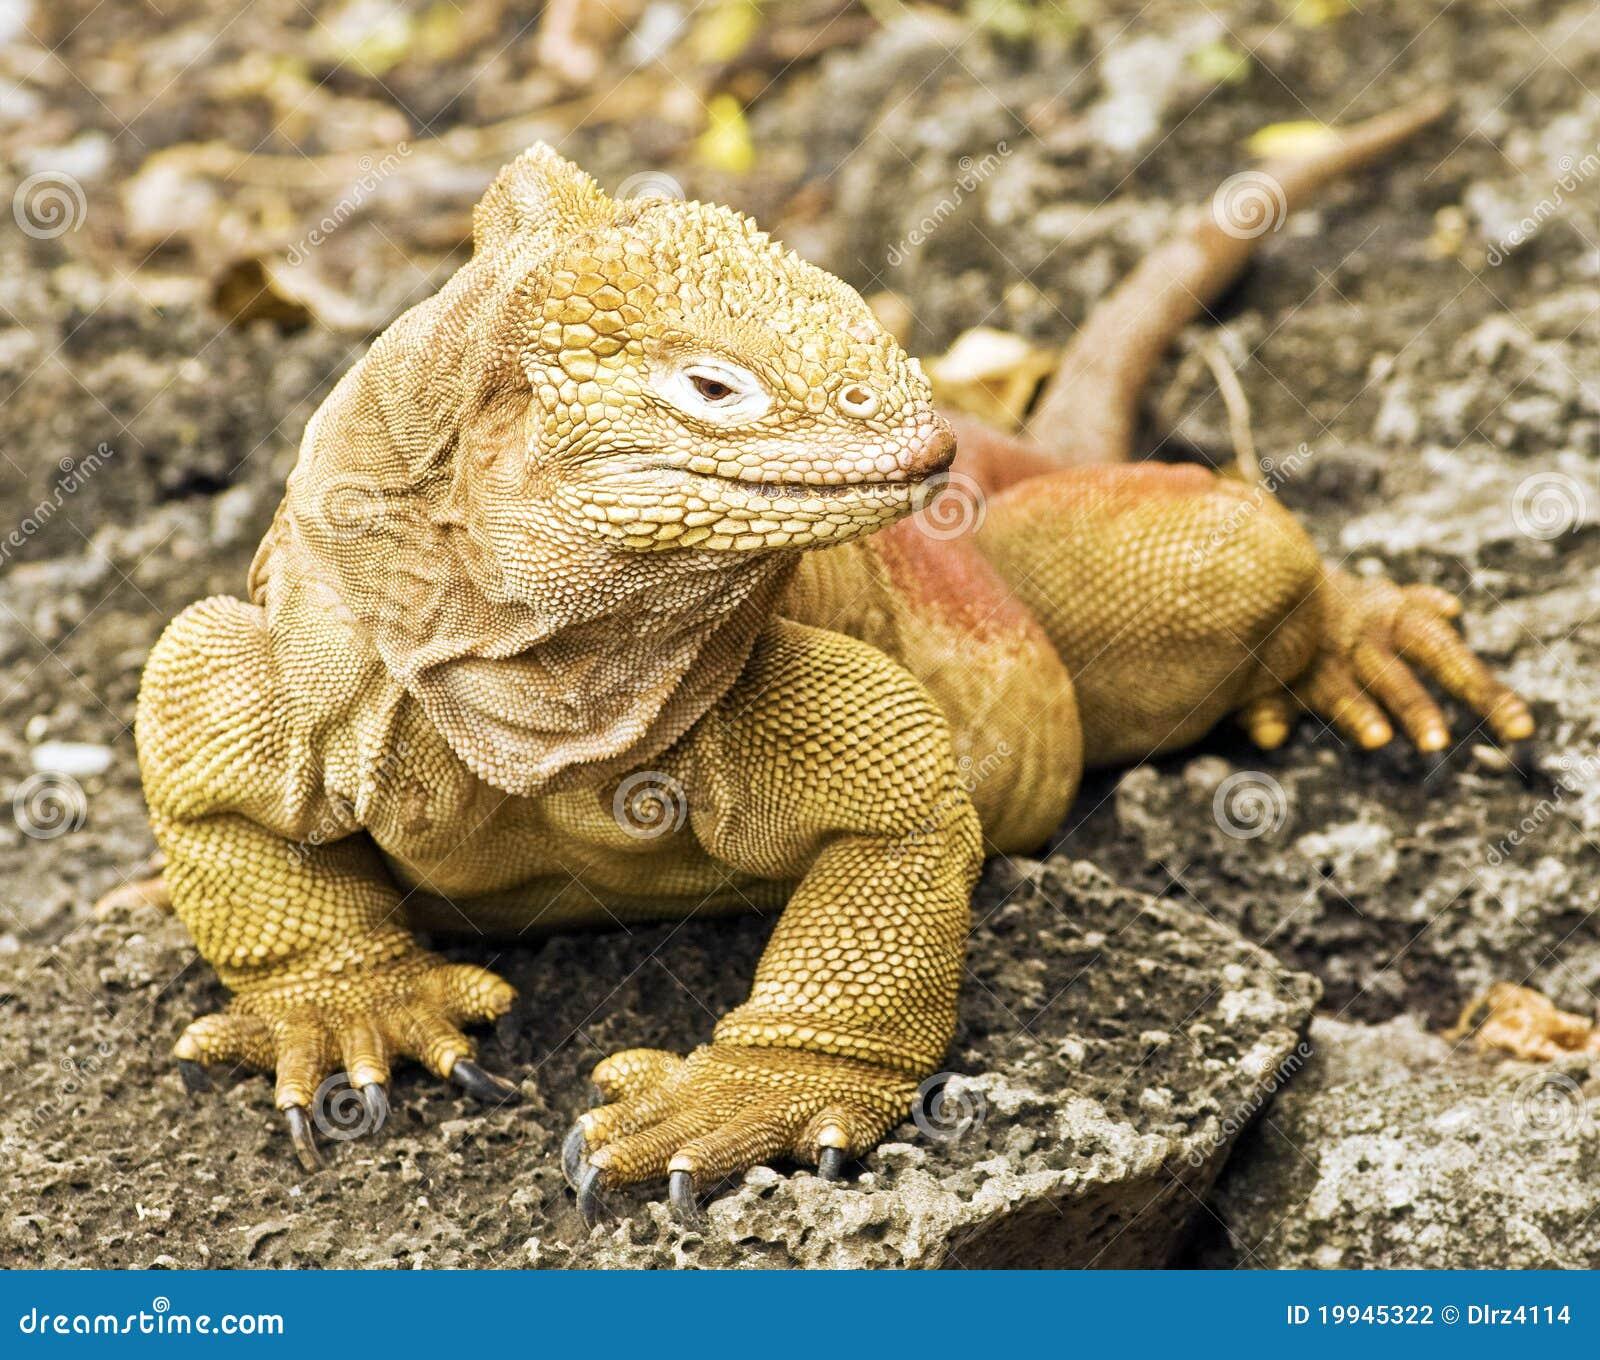 De Leguaan van het Land van de Galapagos